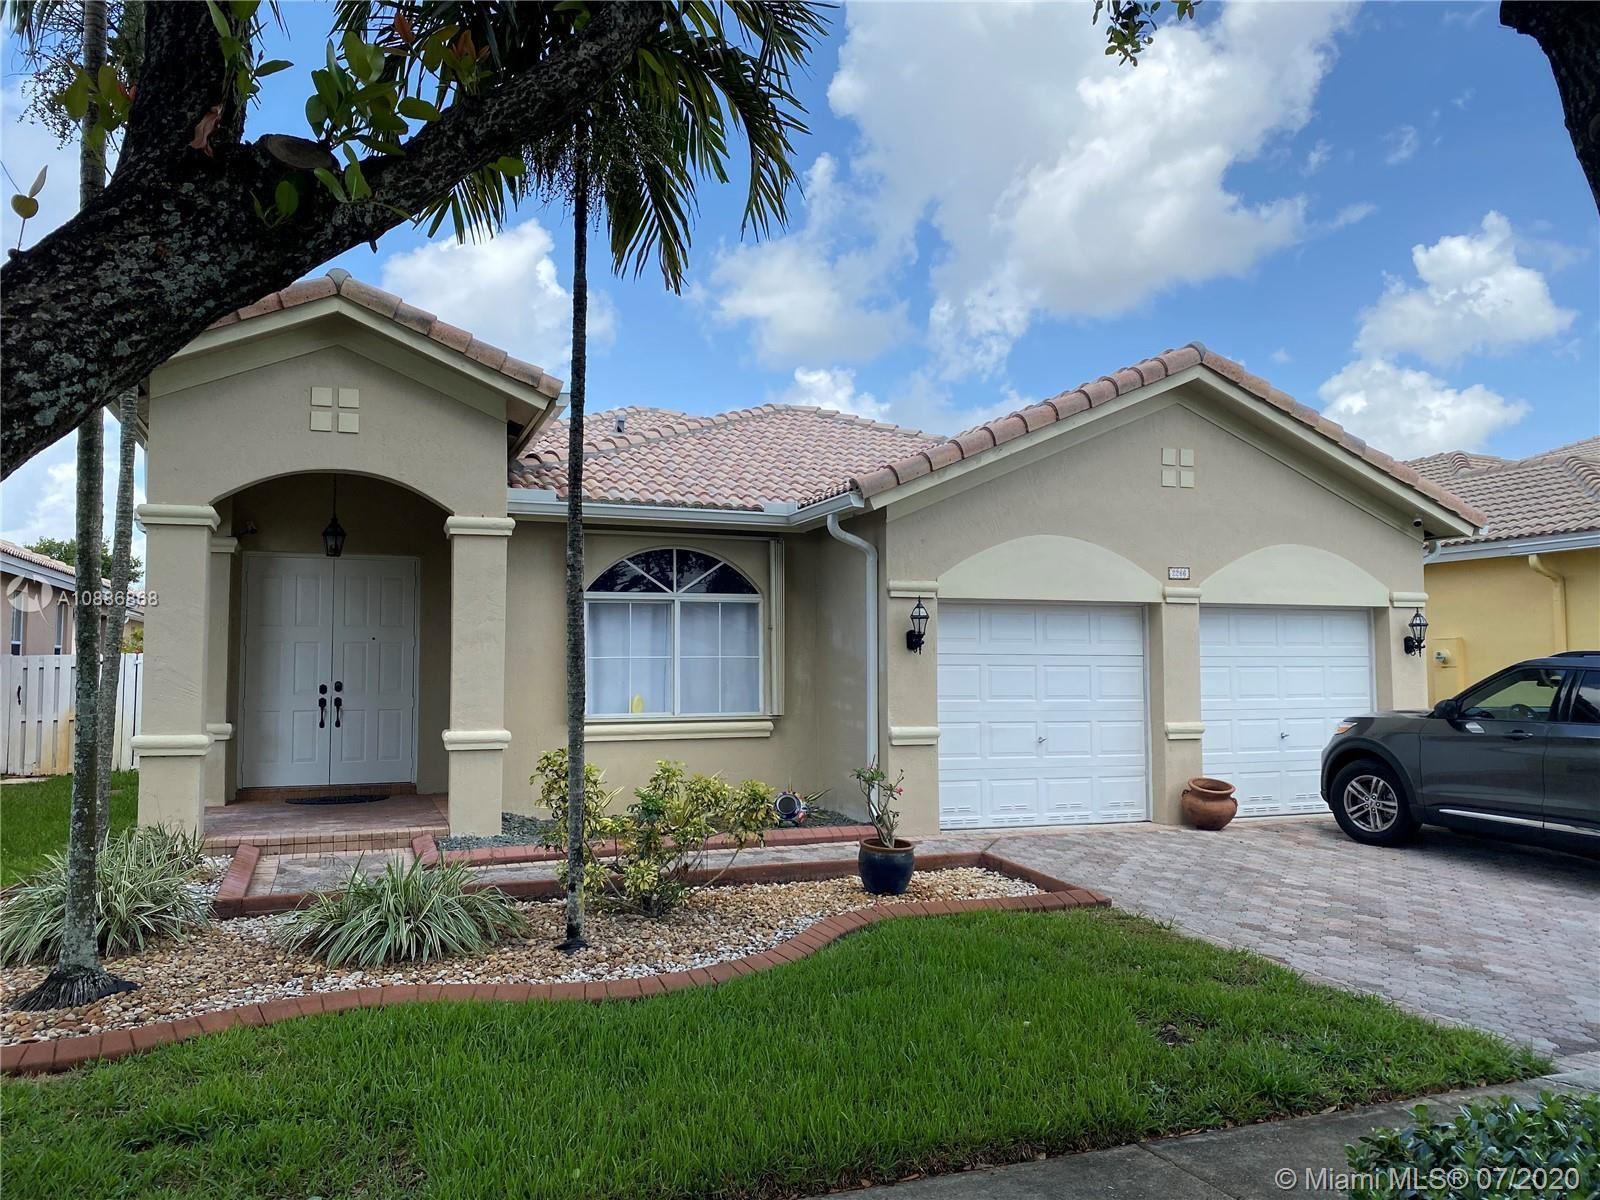 2266 SW 125th Ave, Miramar, FL 33027 - #: A10886868